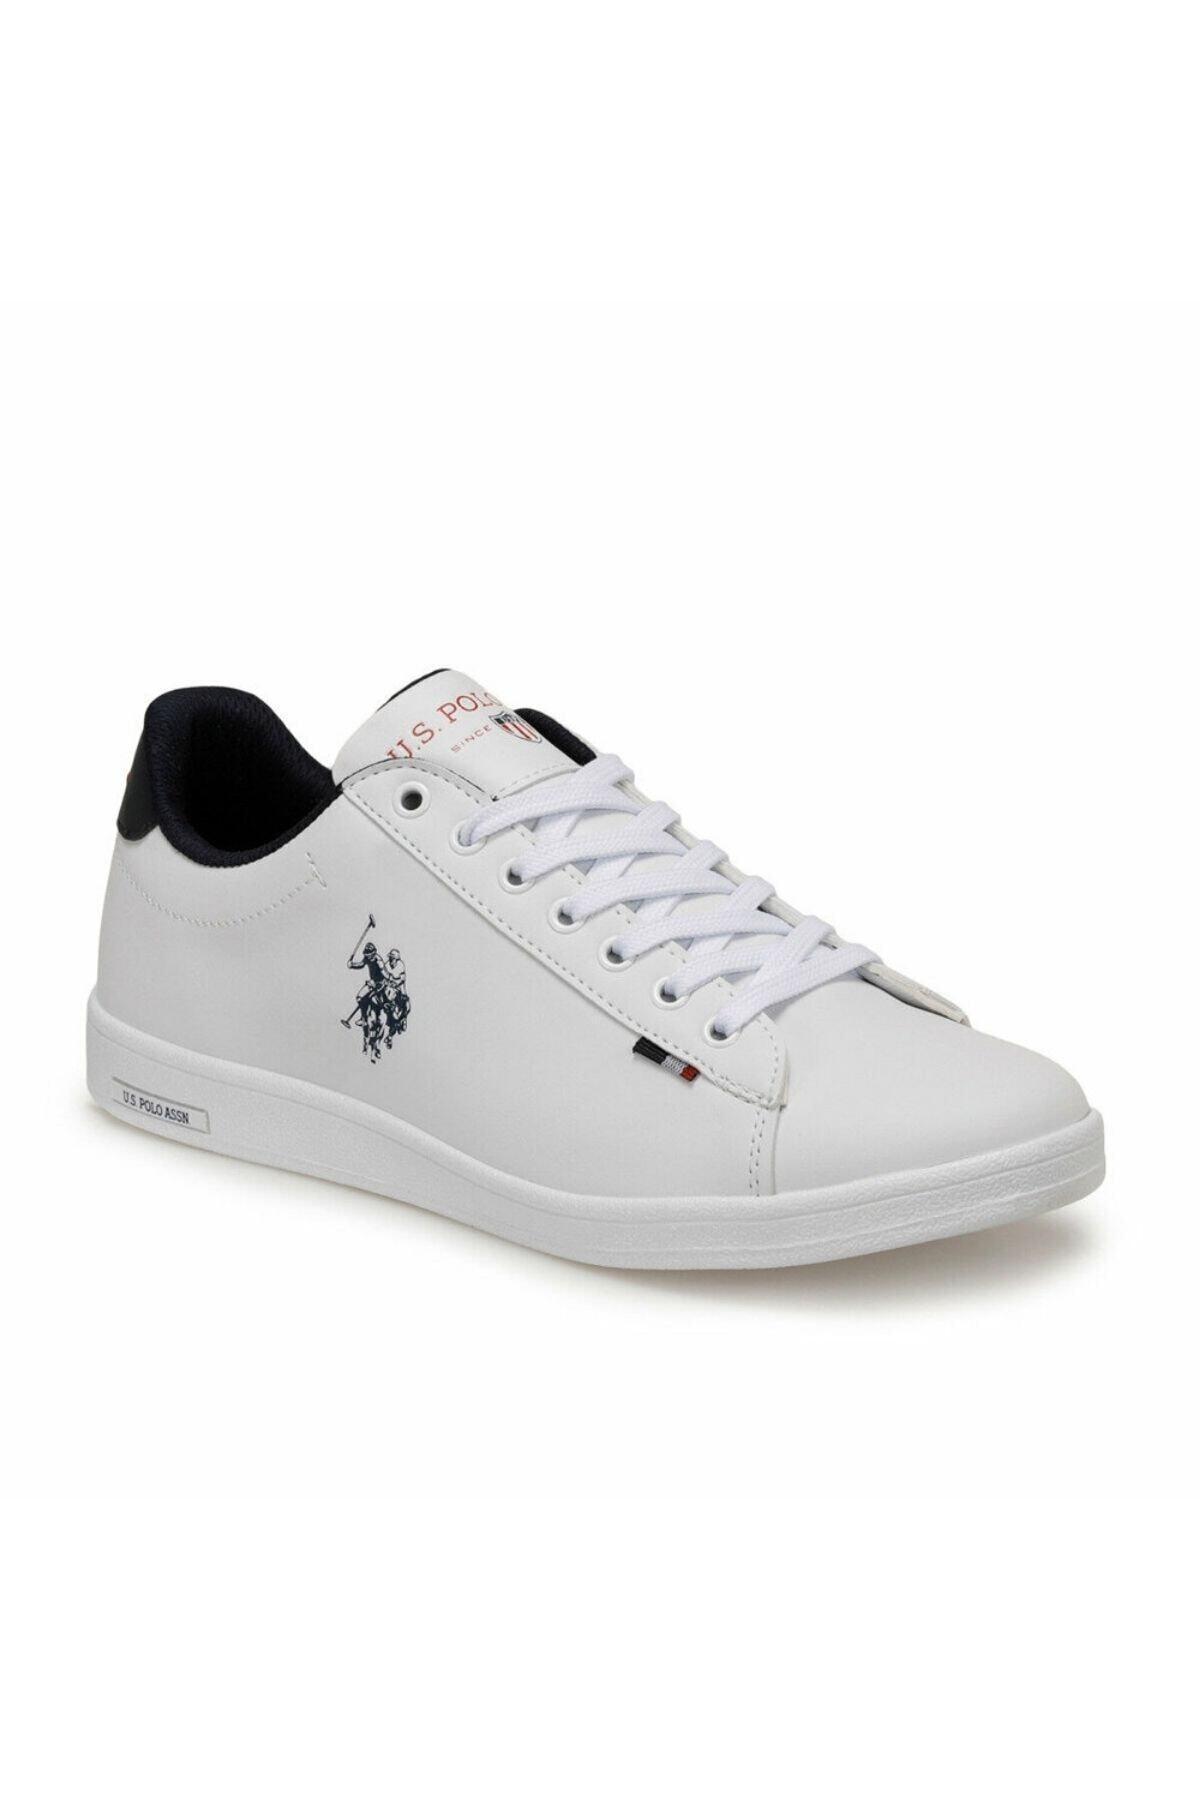 U.S. Polo Assn. Erkek Beyaz U.s.polo Assn.100548978 Franco Dhm Ayakkabı 1